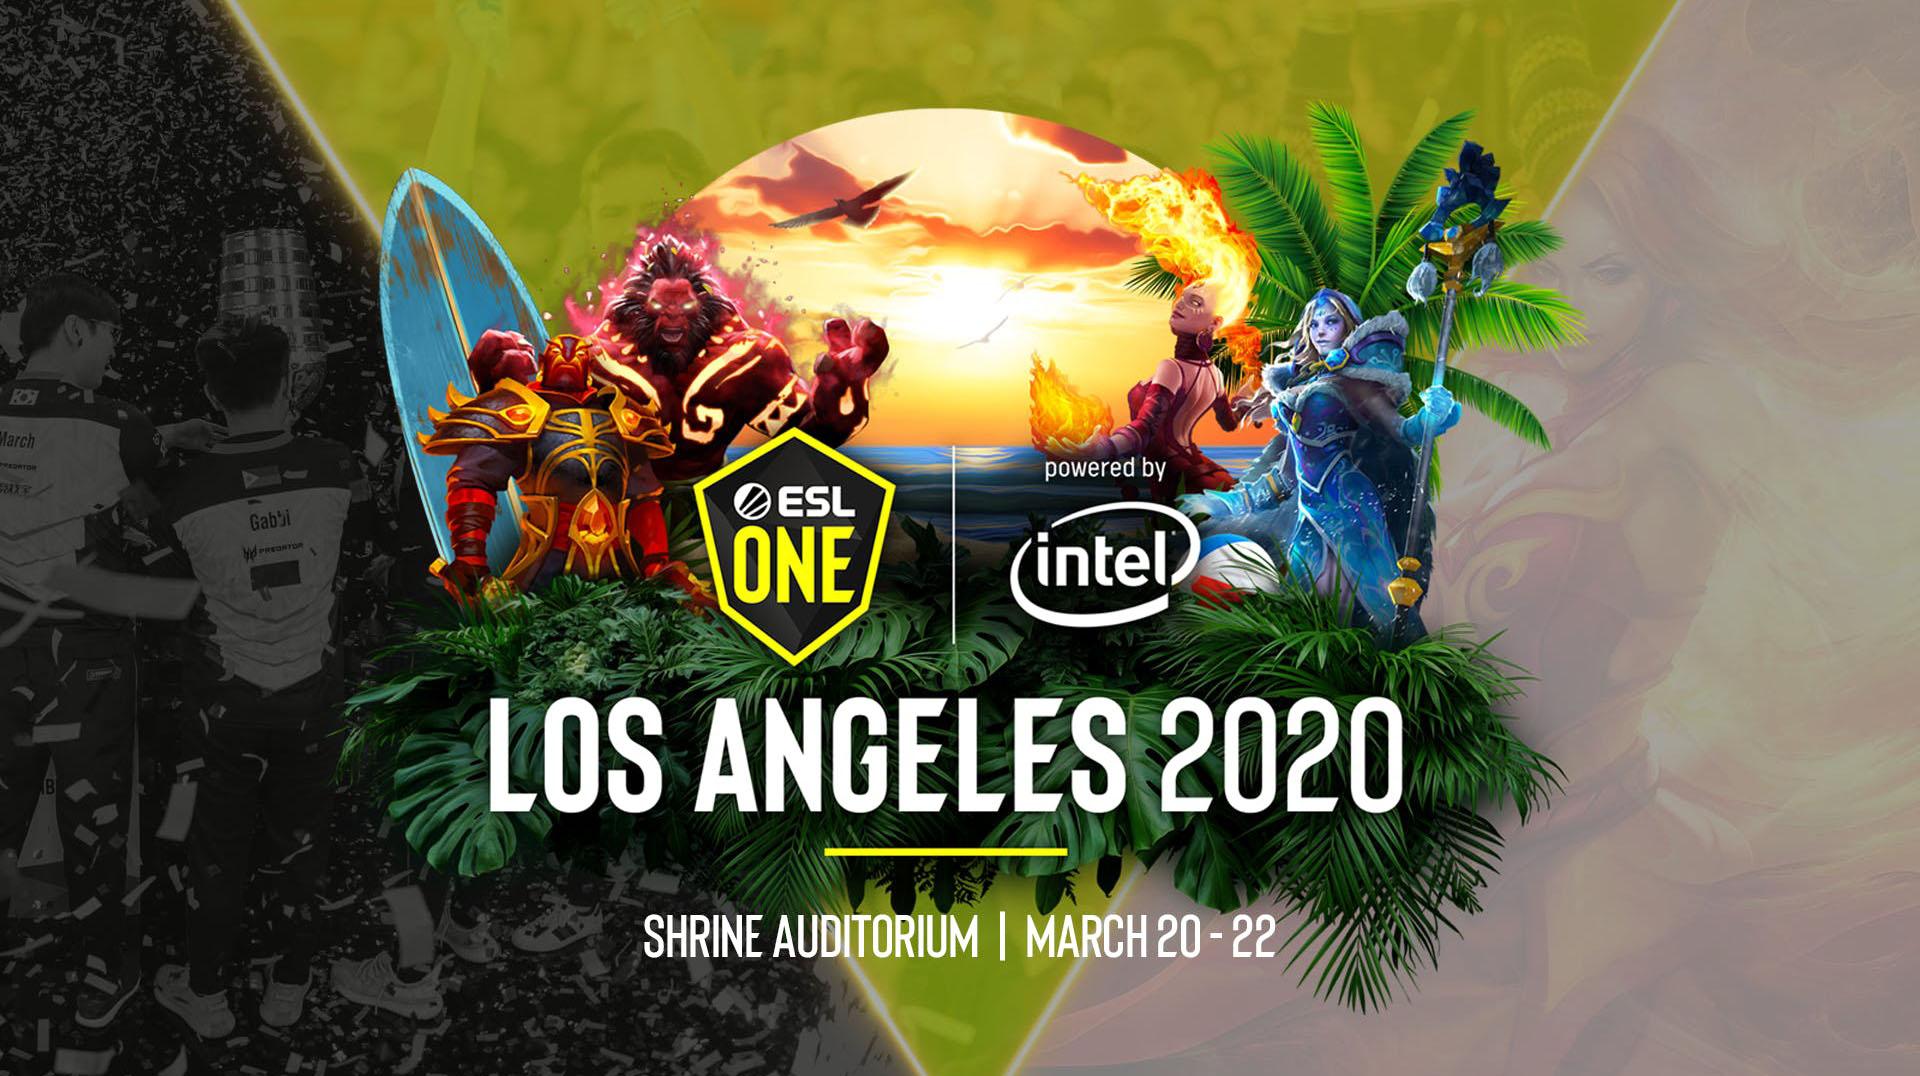 ESL One Los Angeles 2020 vẫn sẽ diễn ra theo đúng kế hoạch?